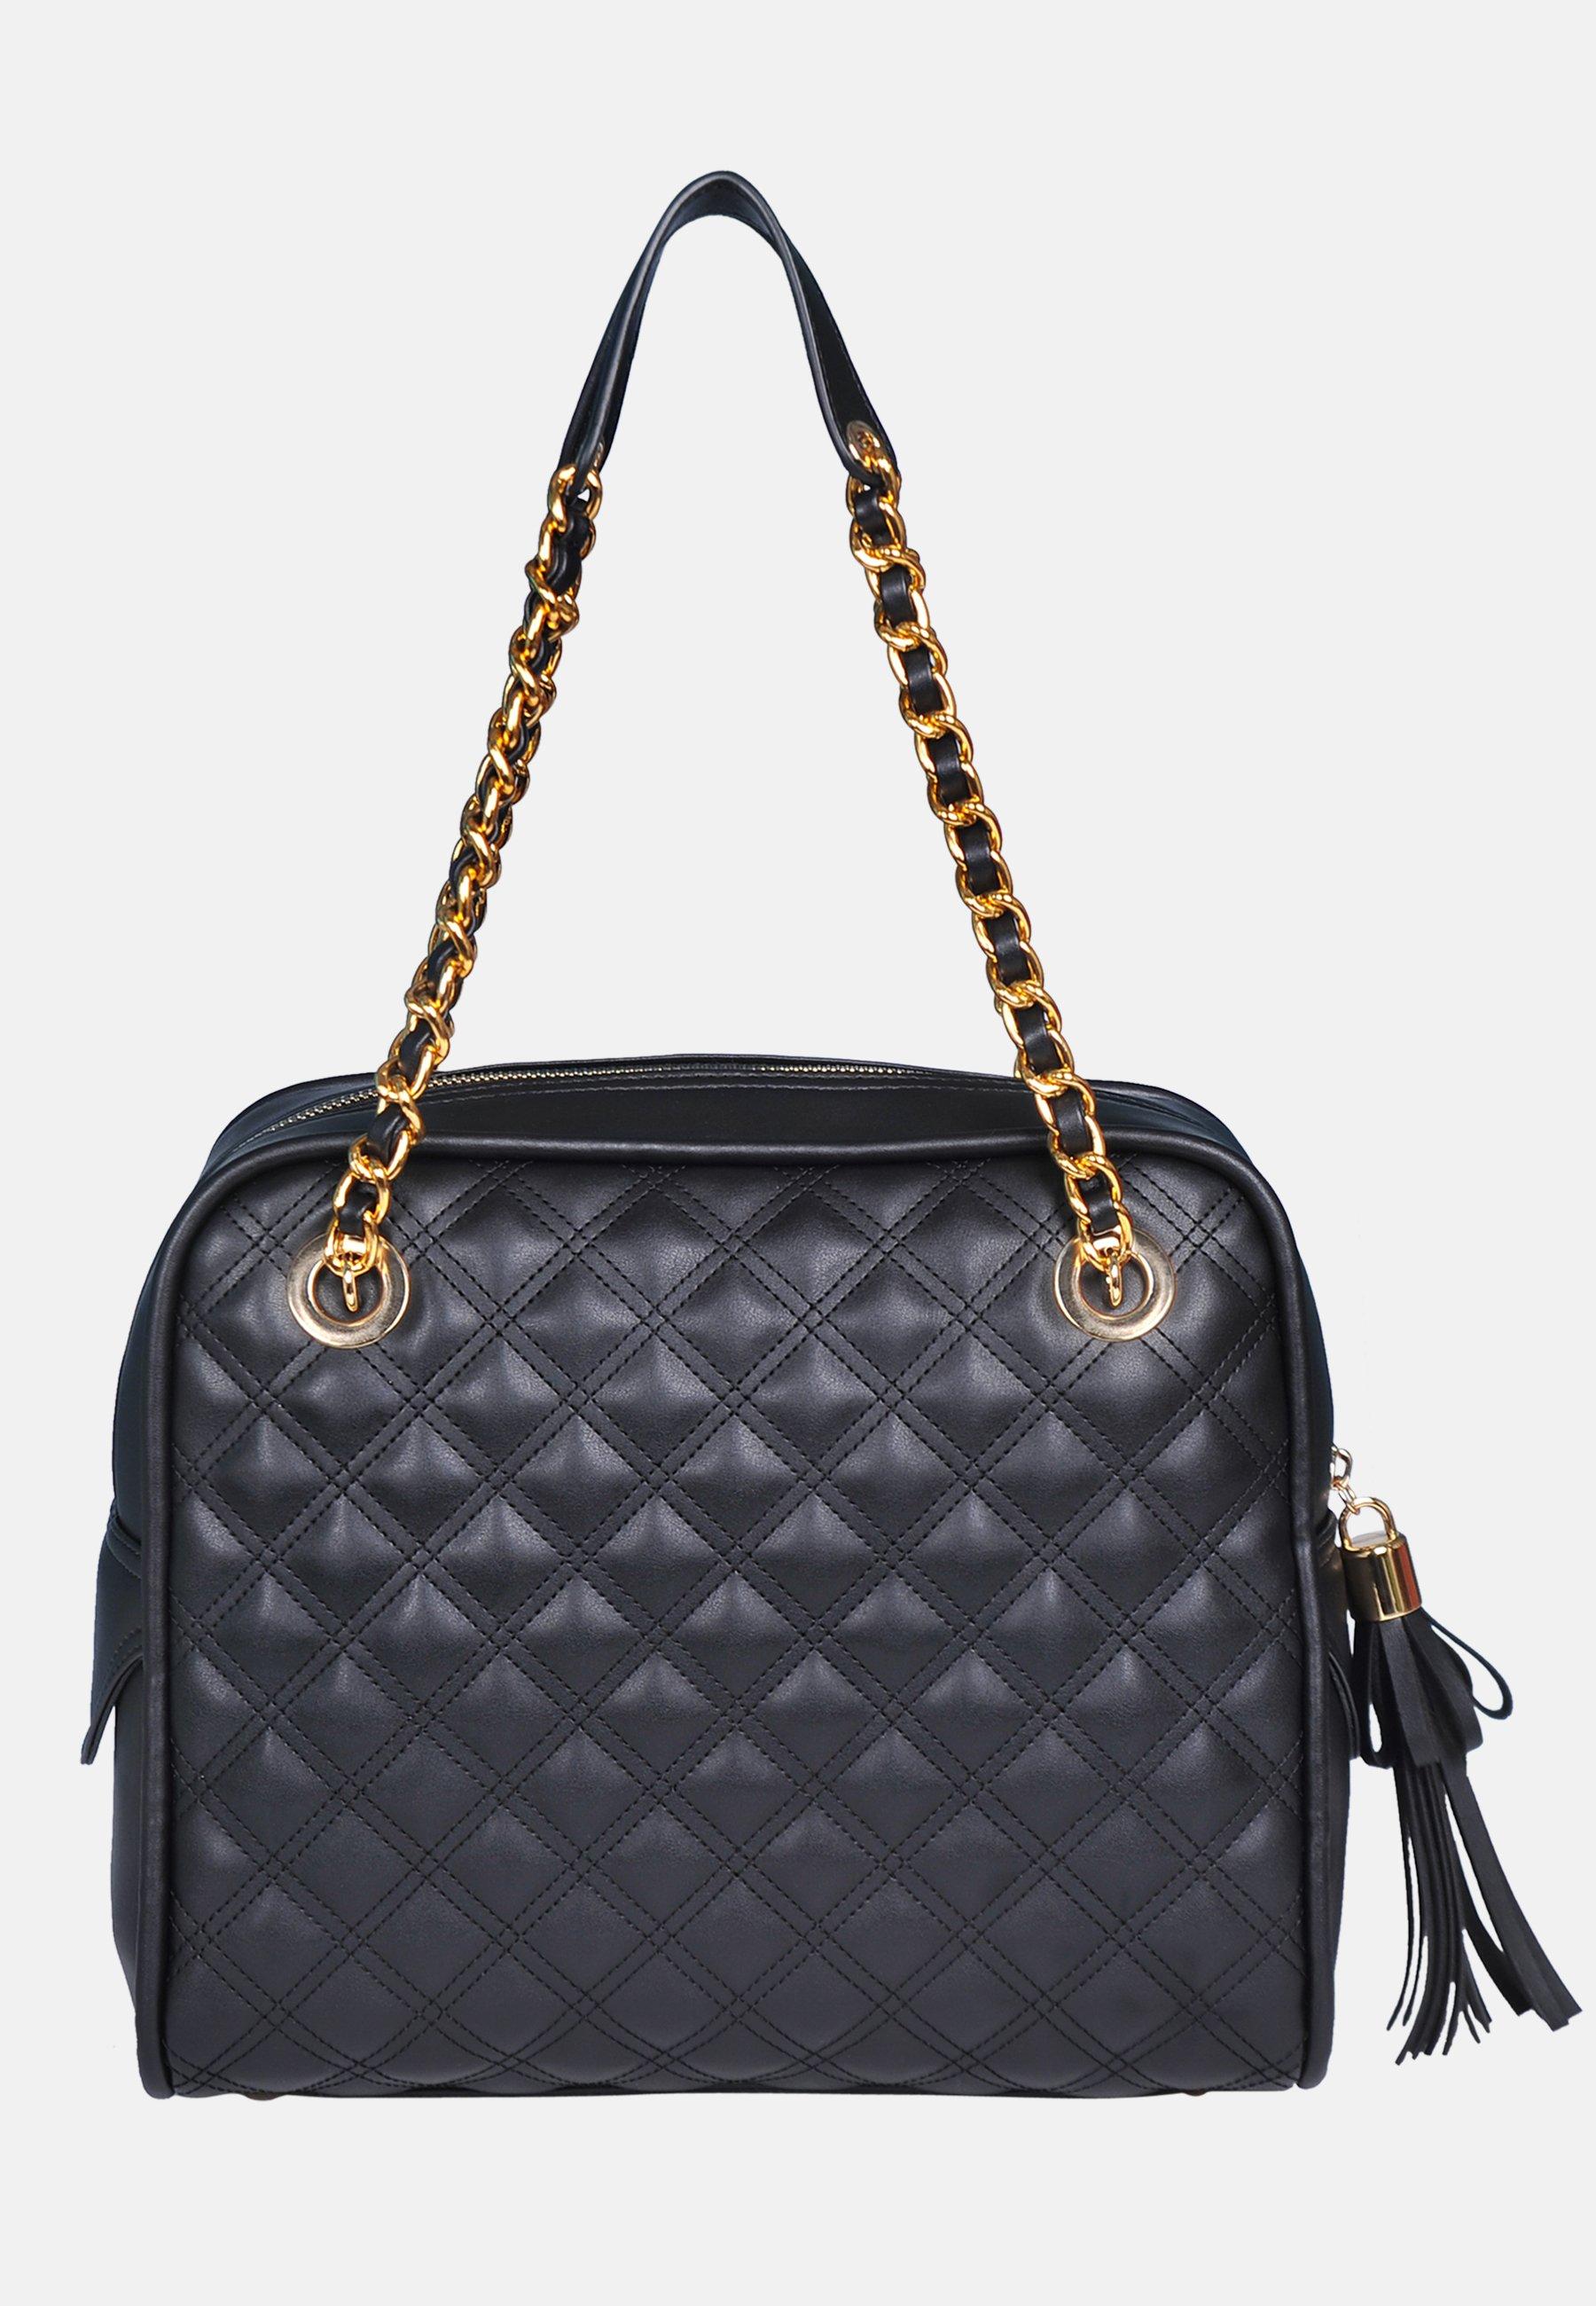 Silvio Tossi Handtasche schwarz